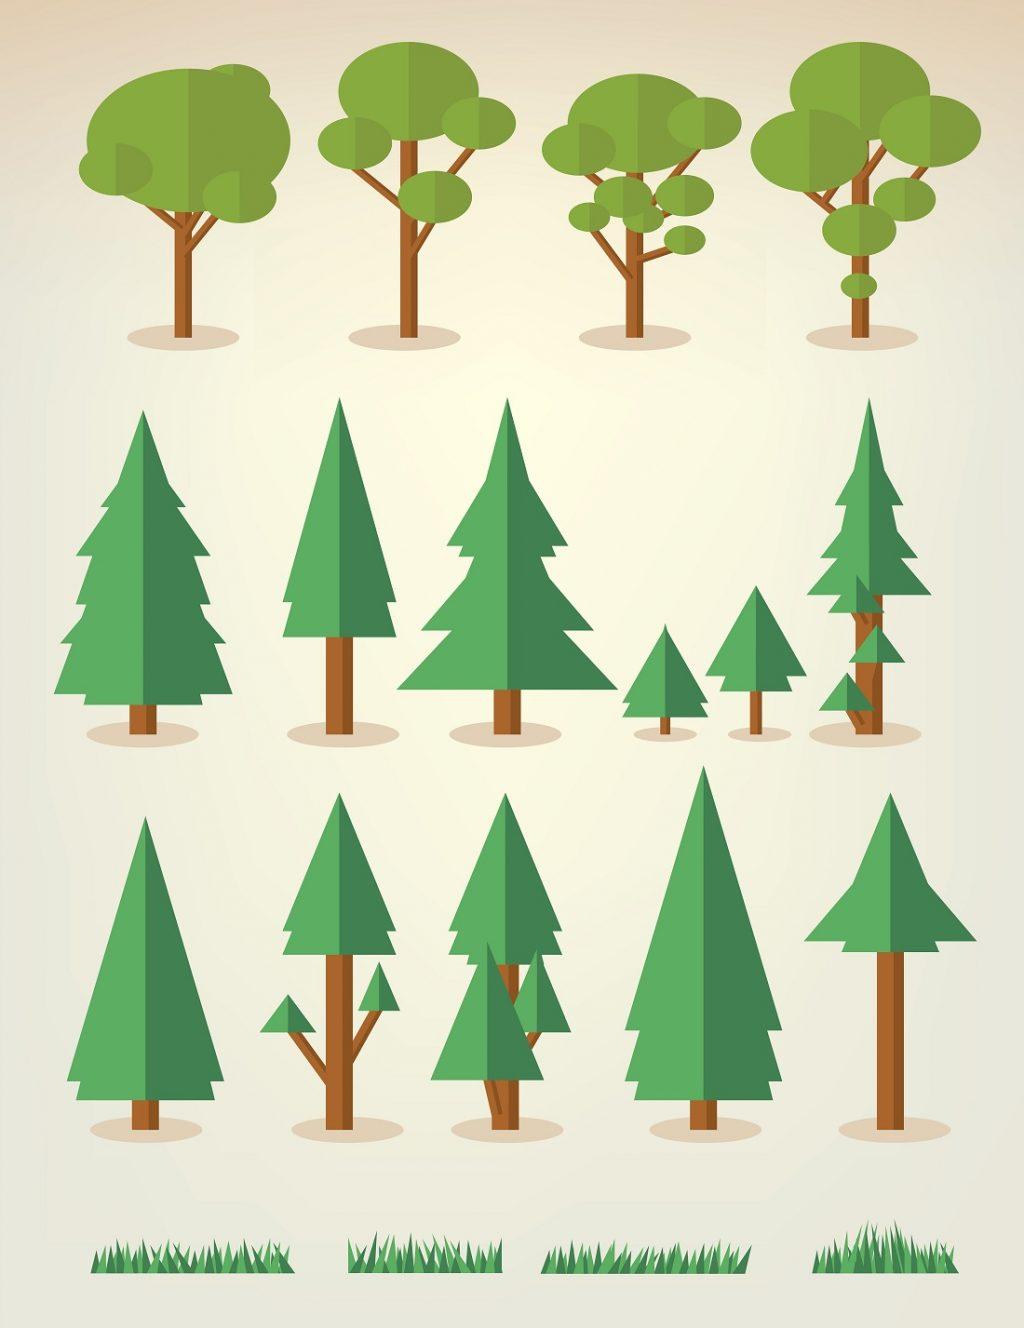 松の木イメージ